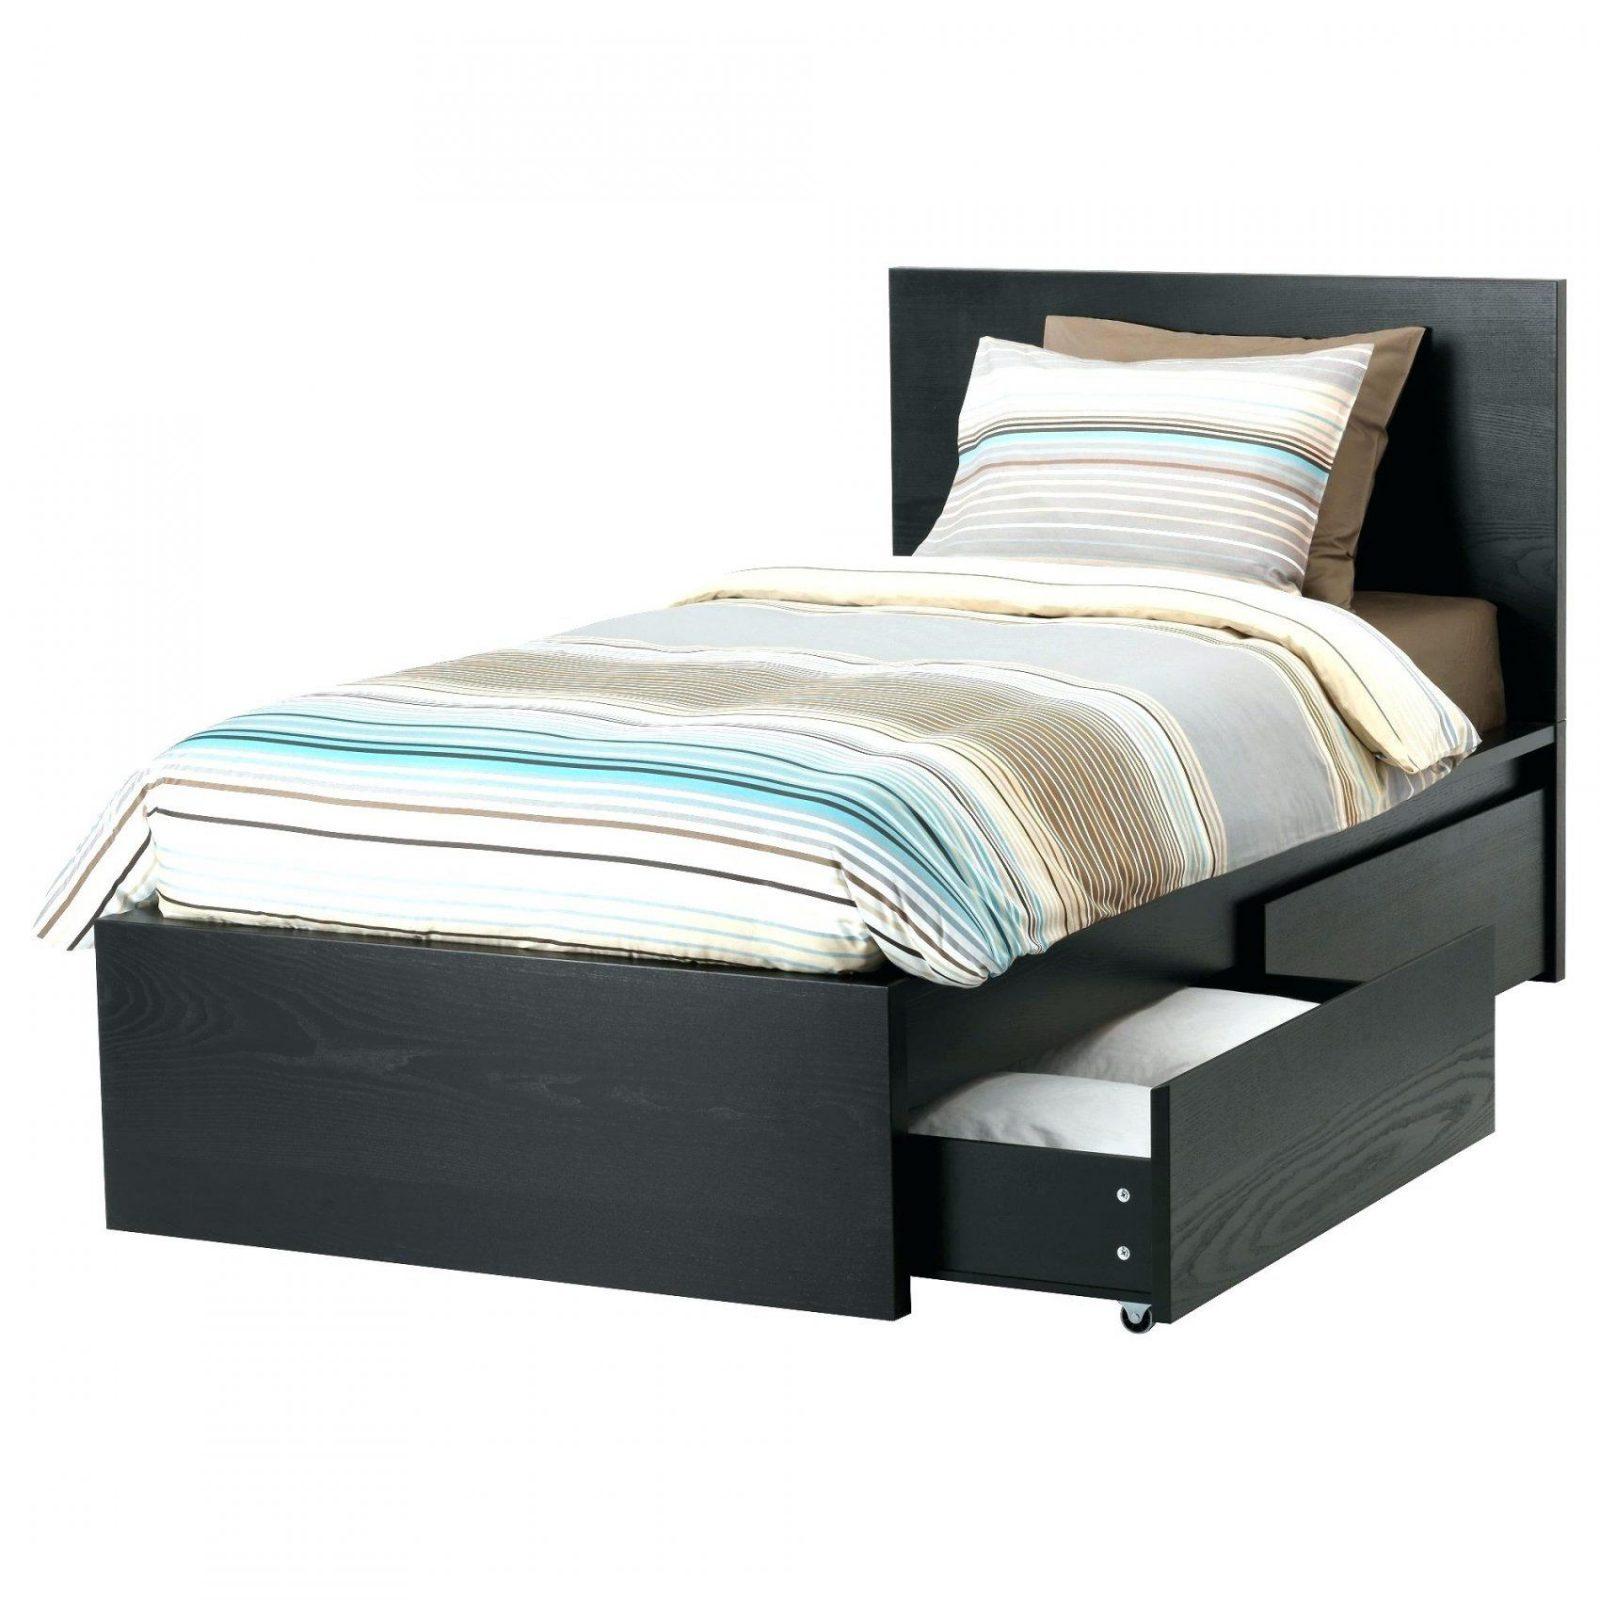 Bett 120 Cm 120×200 Ikea Malm Bettgestell Hoch Mit 2 Schubkasten von Bett 120 Cm Breit Mit Bettkasten Bild